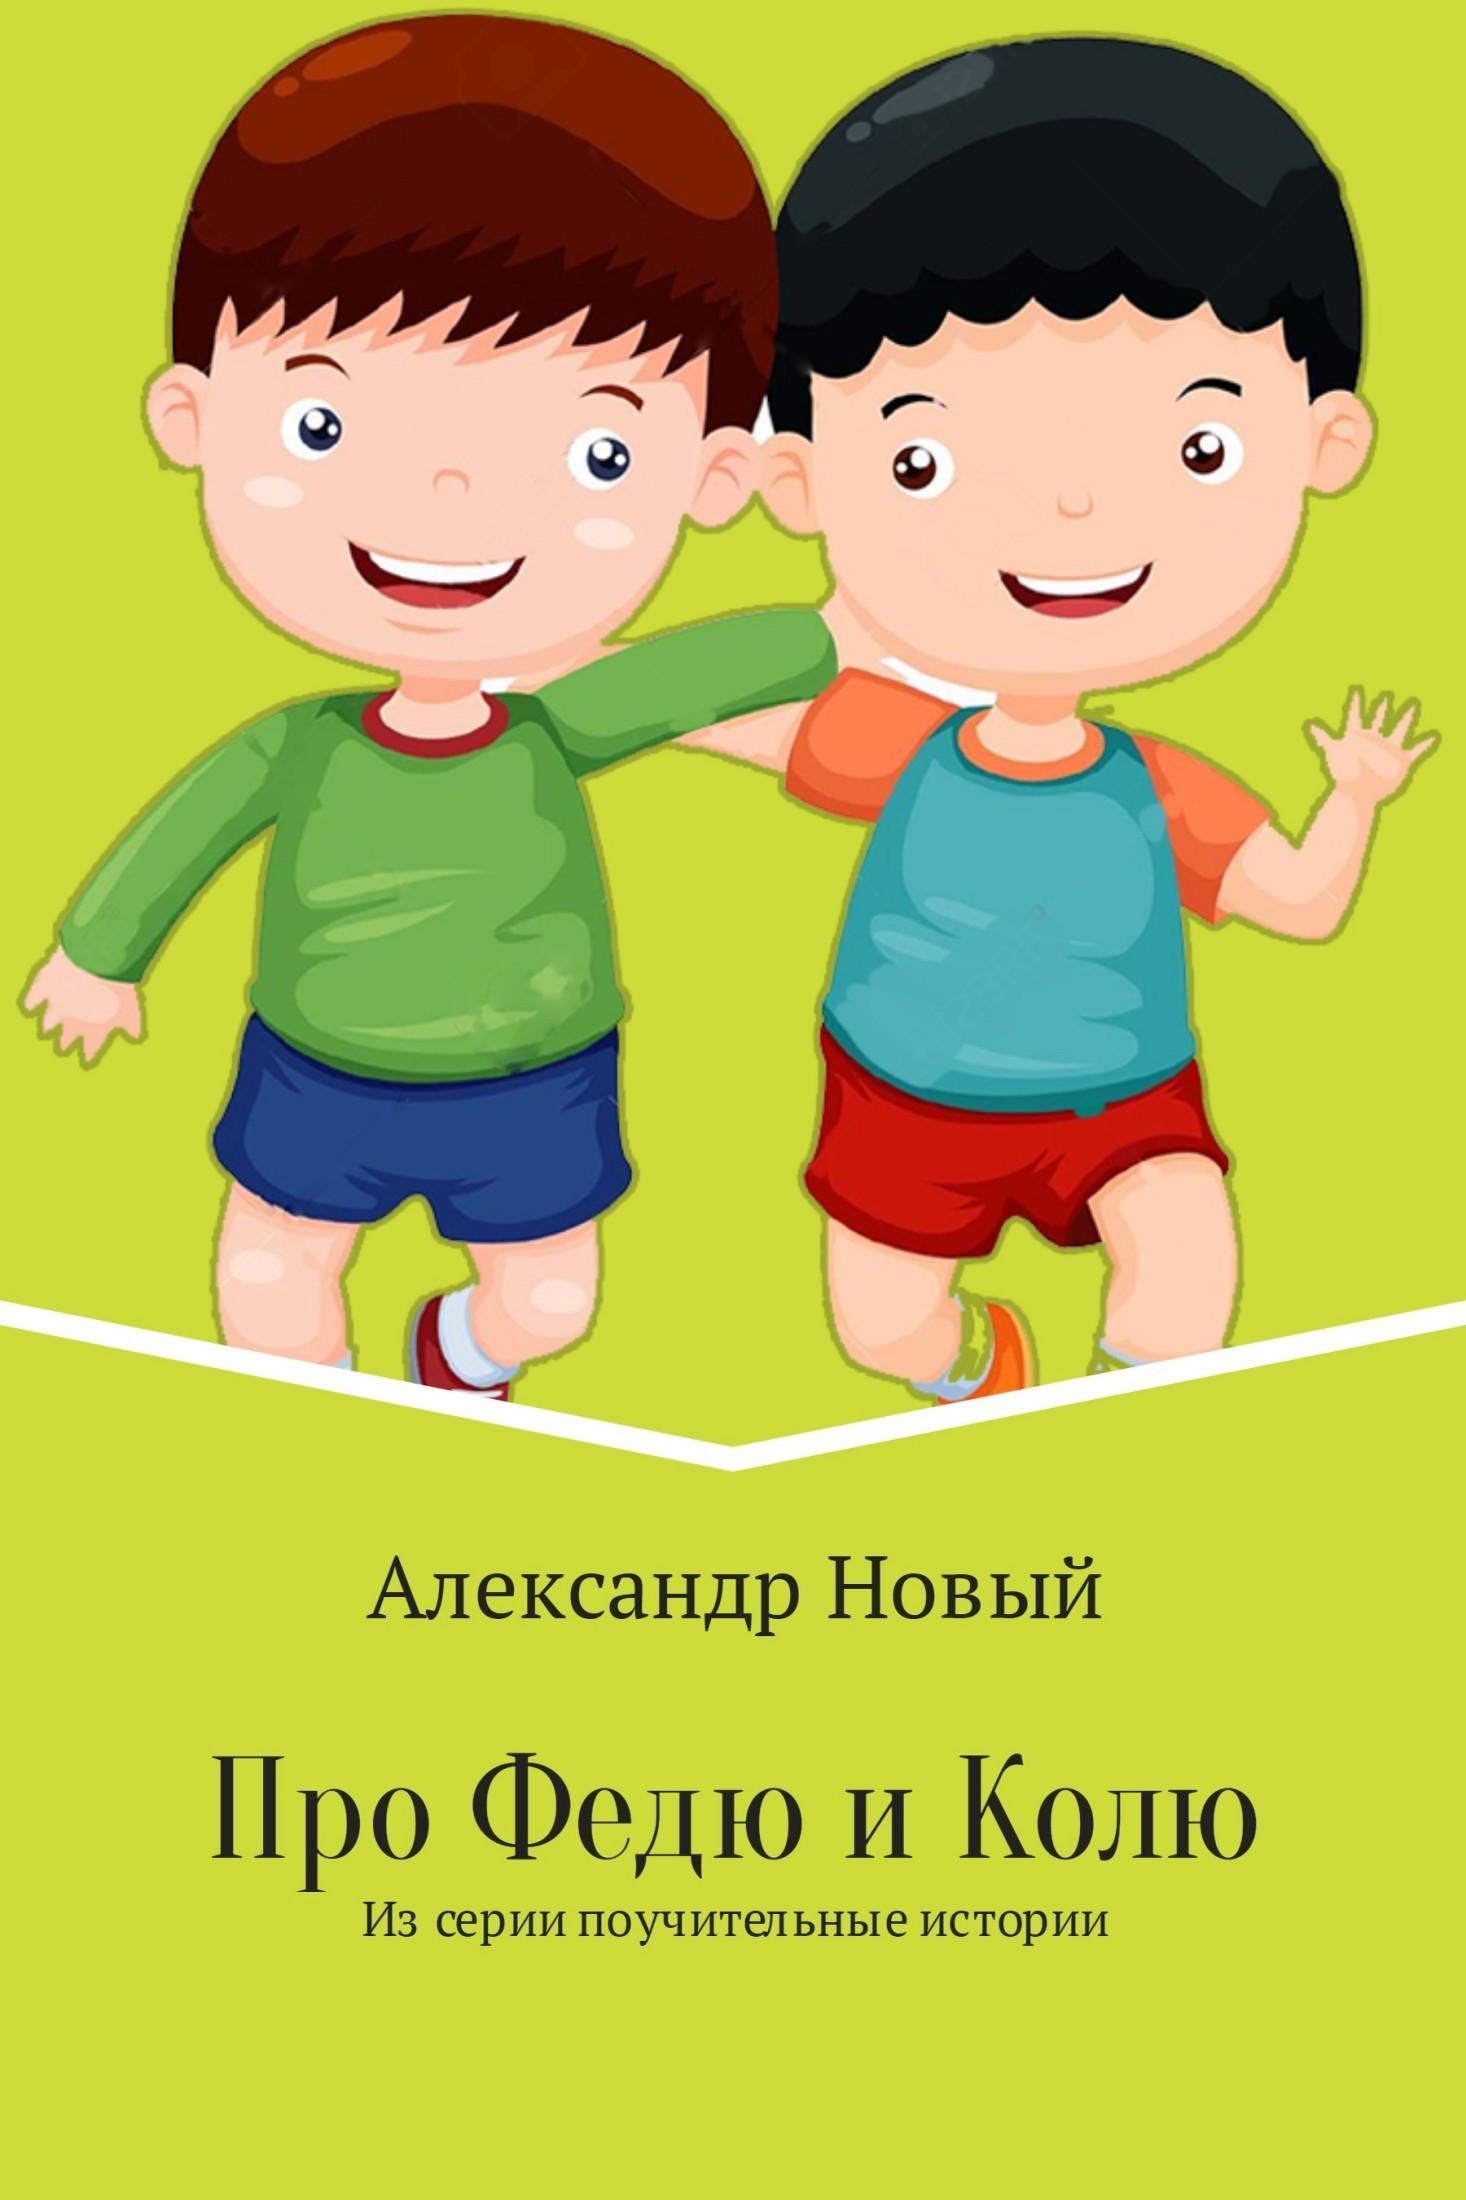 Александр Новый Про Федю и Колю крот истории